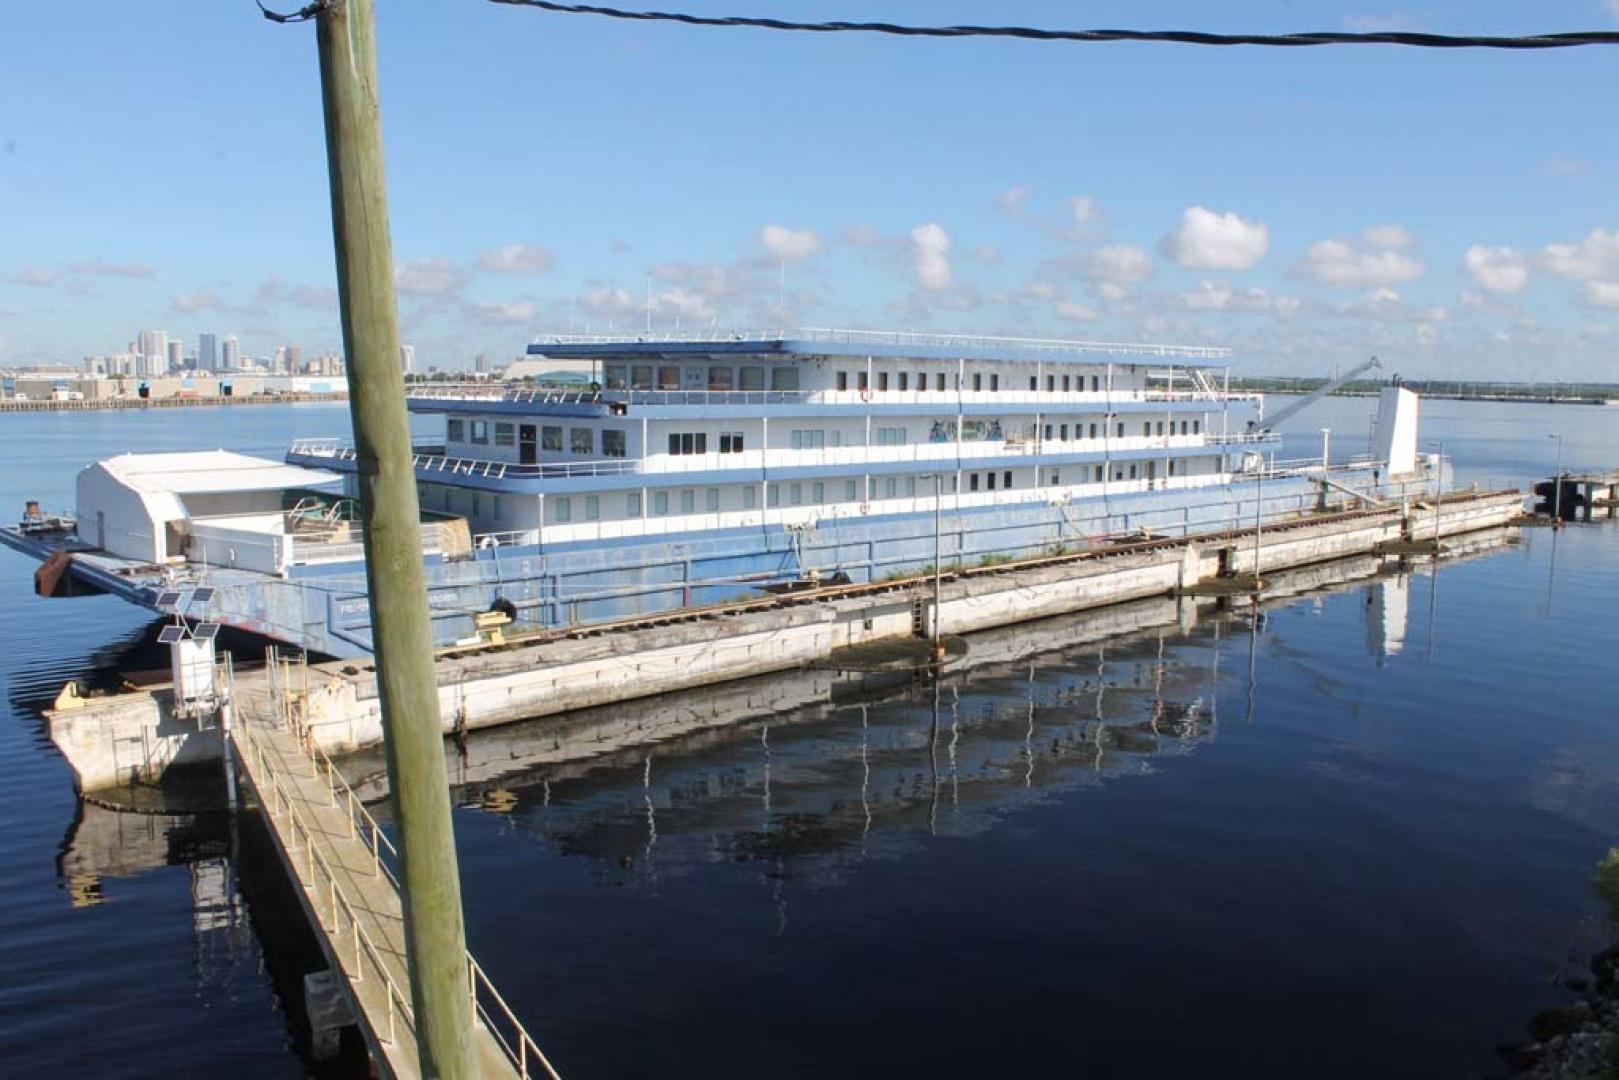 Custom-Barge-1970--United-States-Profile-1071159